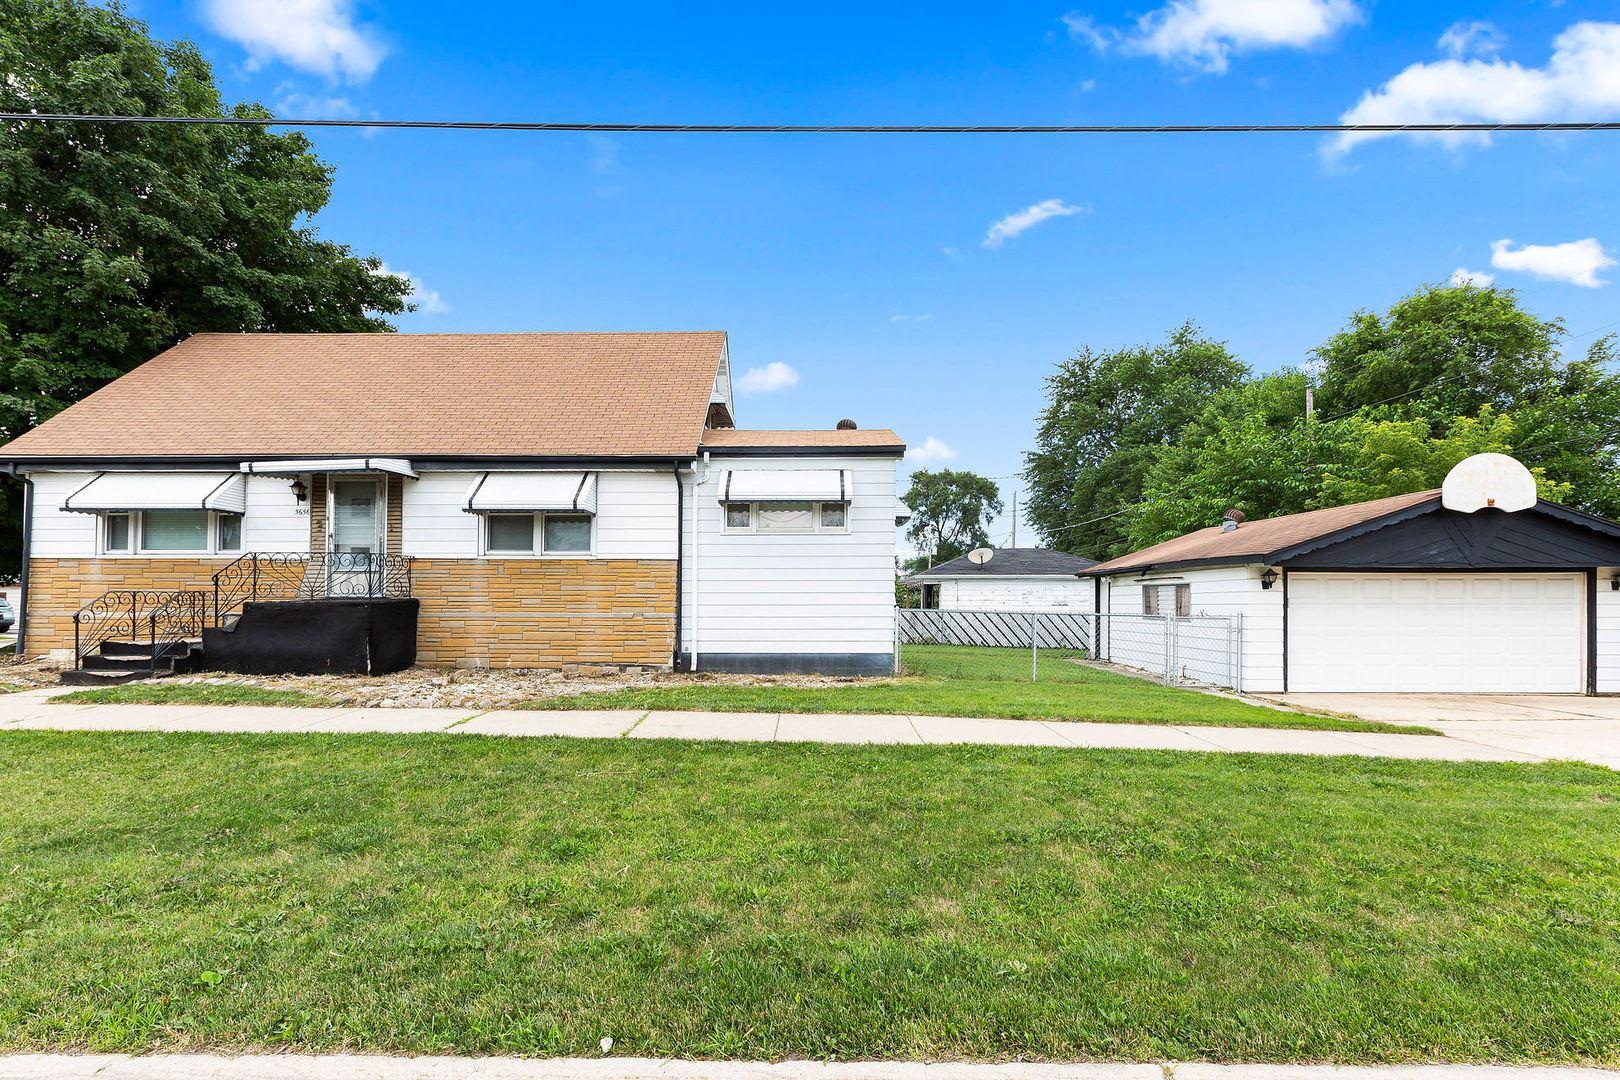 5656 W 91st Street, Oak Lawn, IL 60453 - #: 10803857